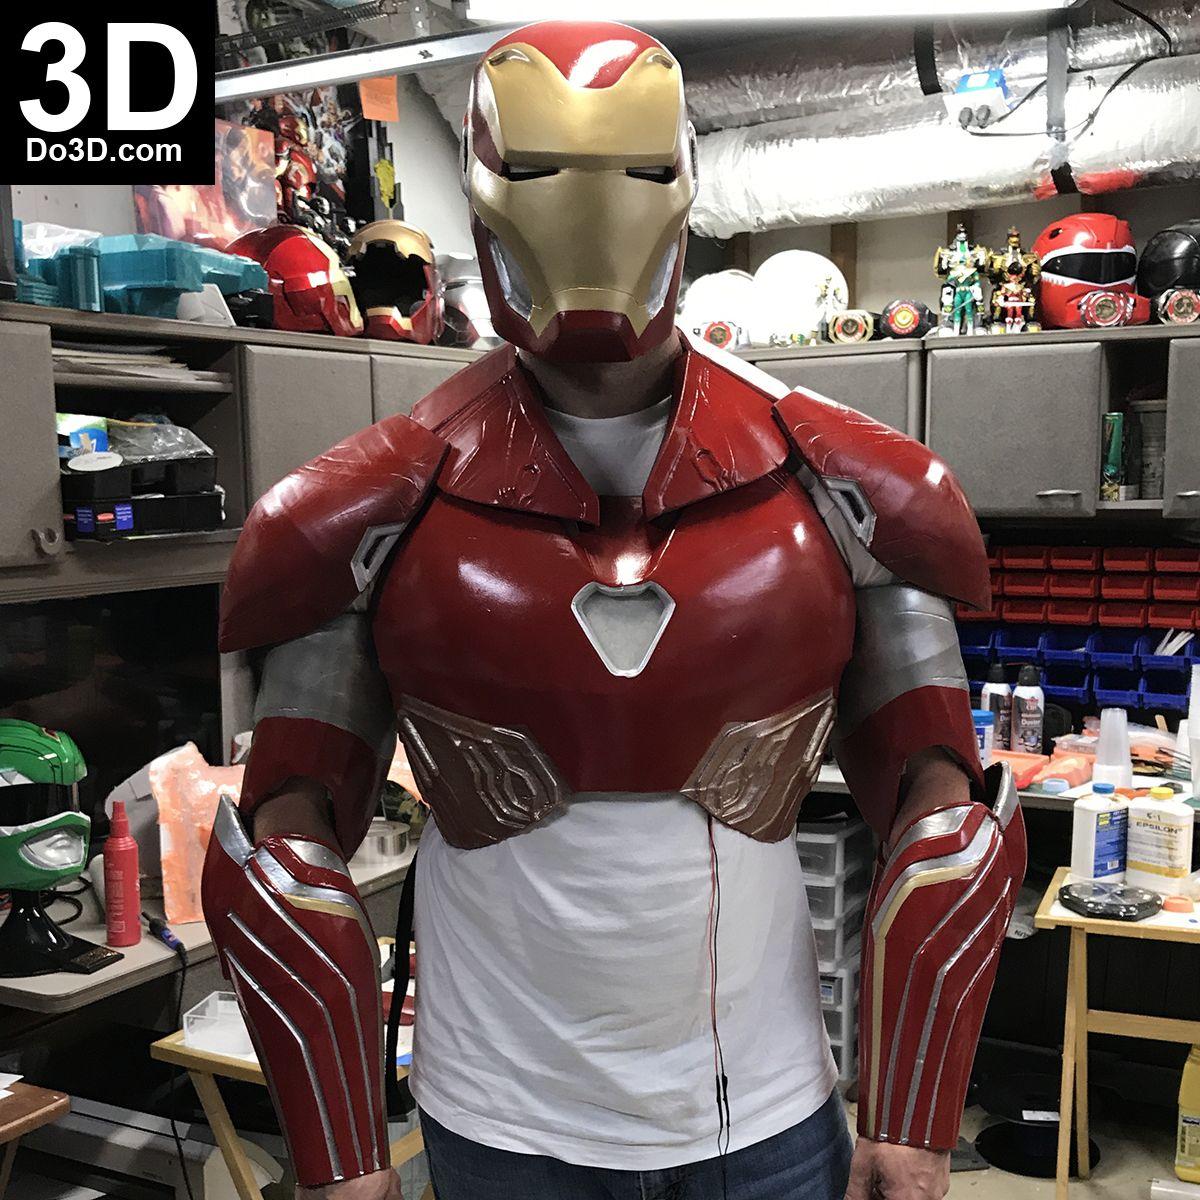 3D Printable Model: Iron Man Mark XLVIII Full Upper Body ...